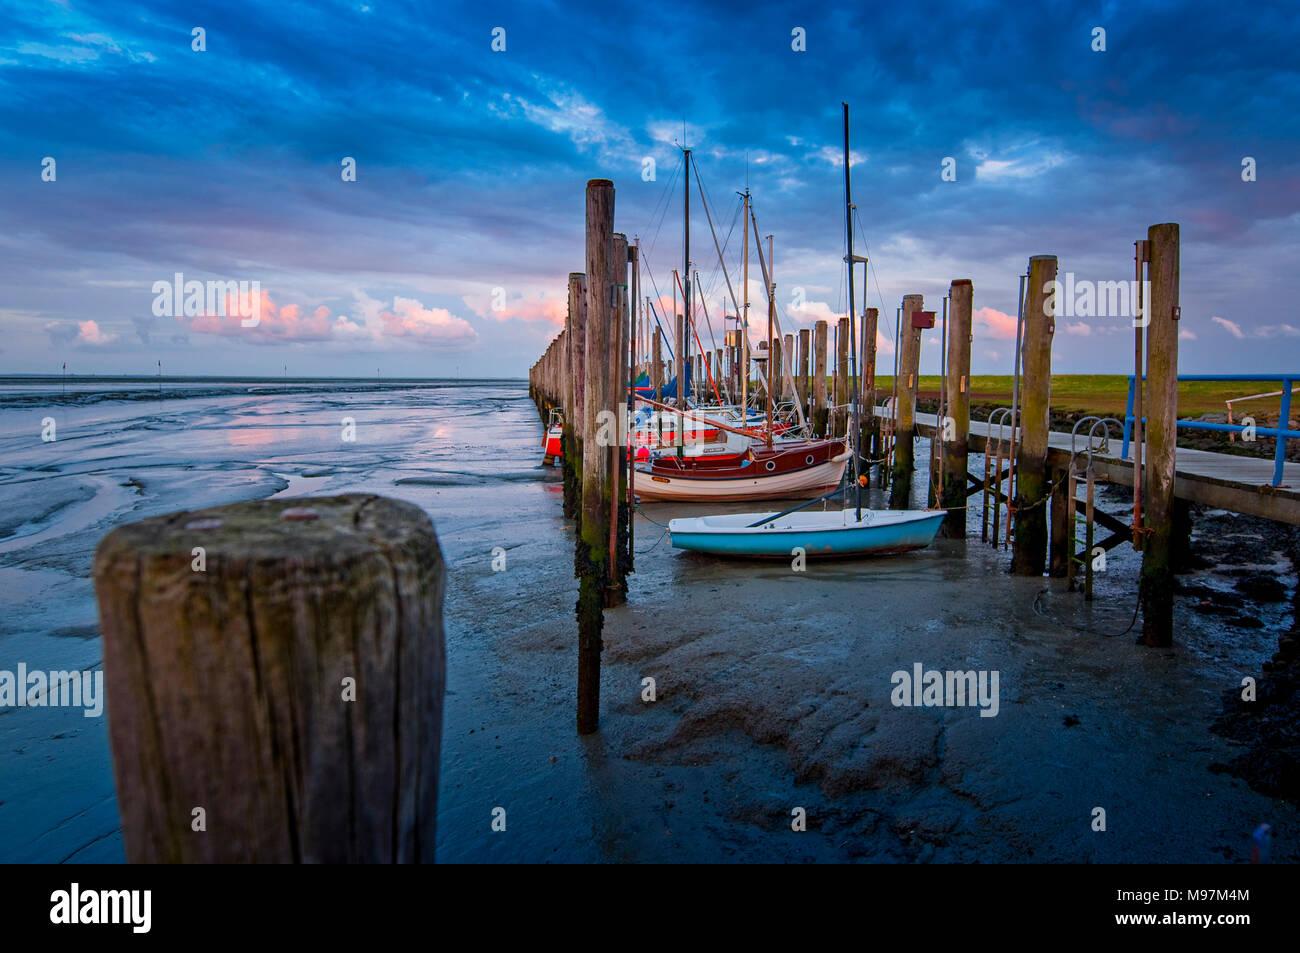 Deutschland, Schleswig-Holstein, Pellworm, Hafen, Anleger, Segelboote - Stock Image